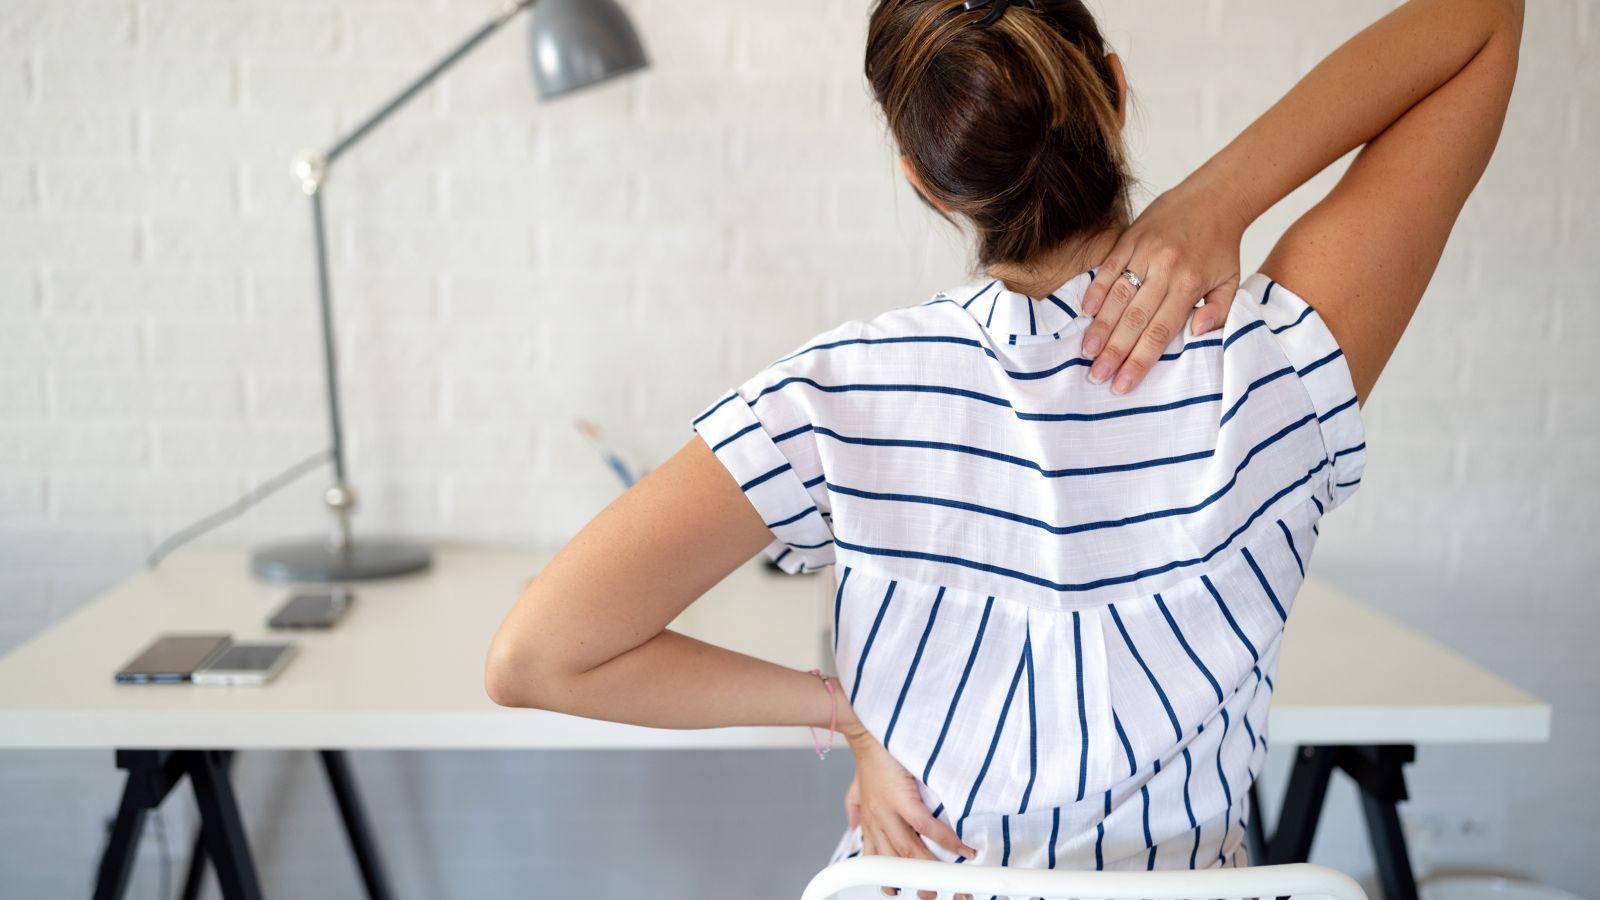 pain management image